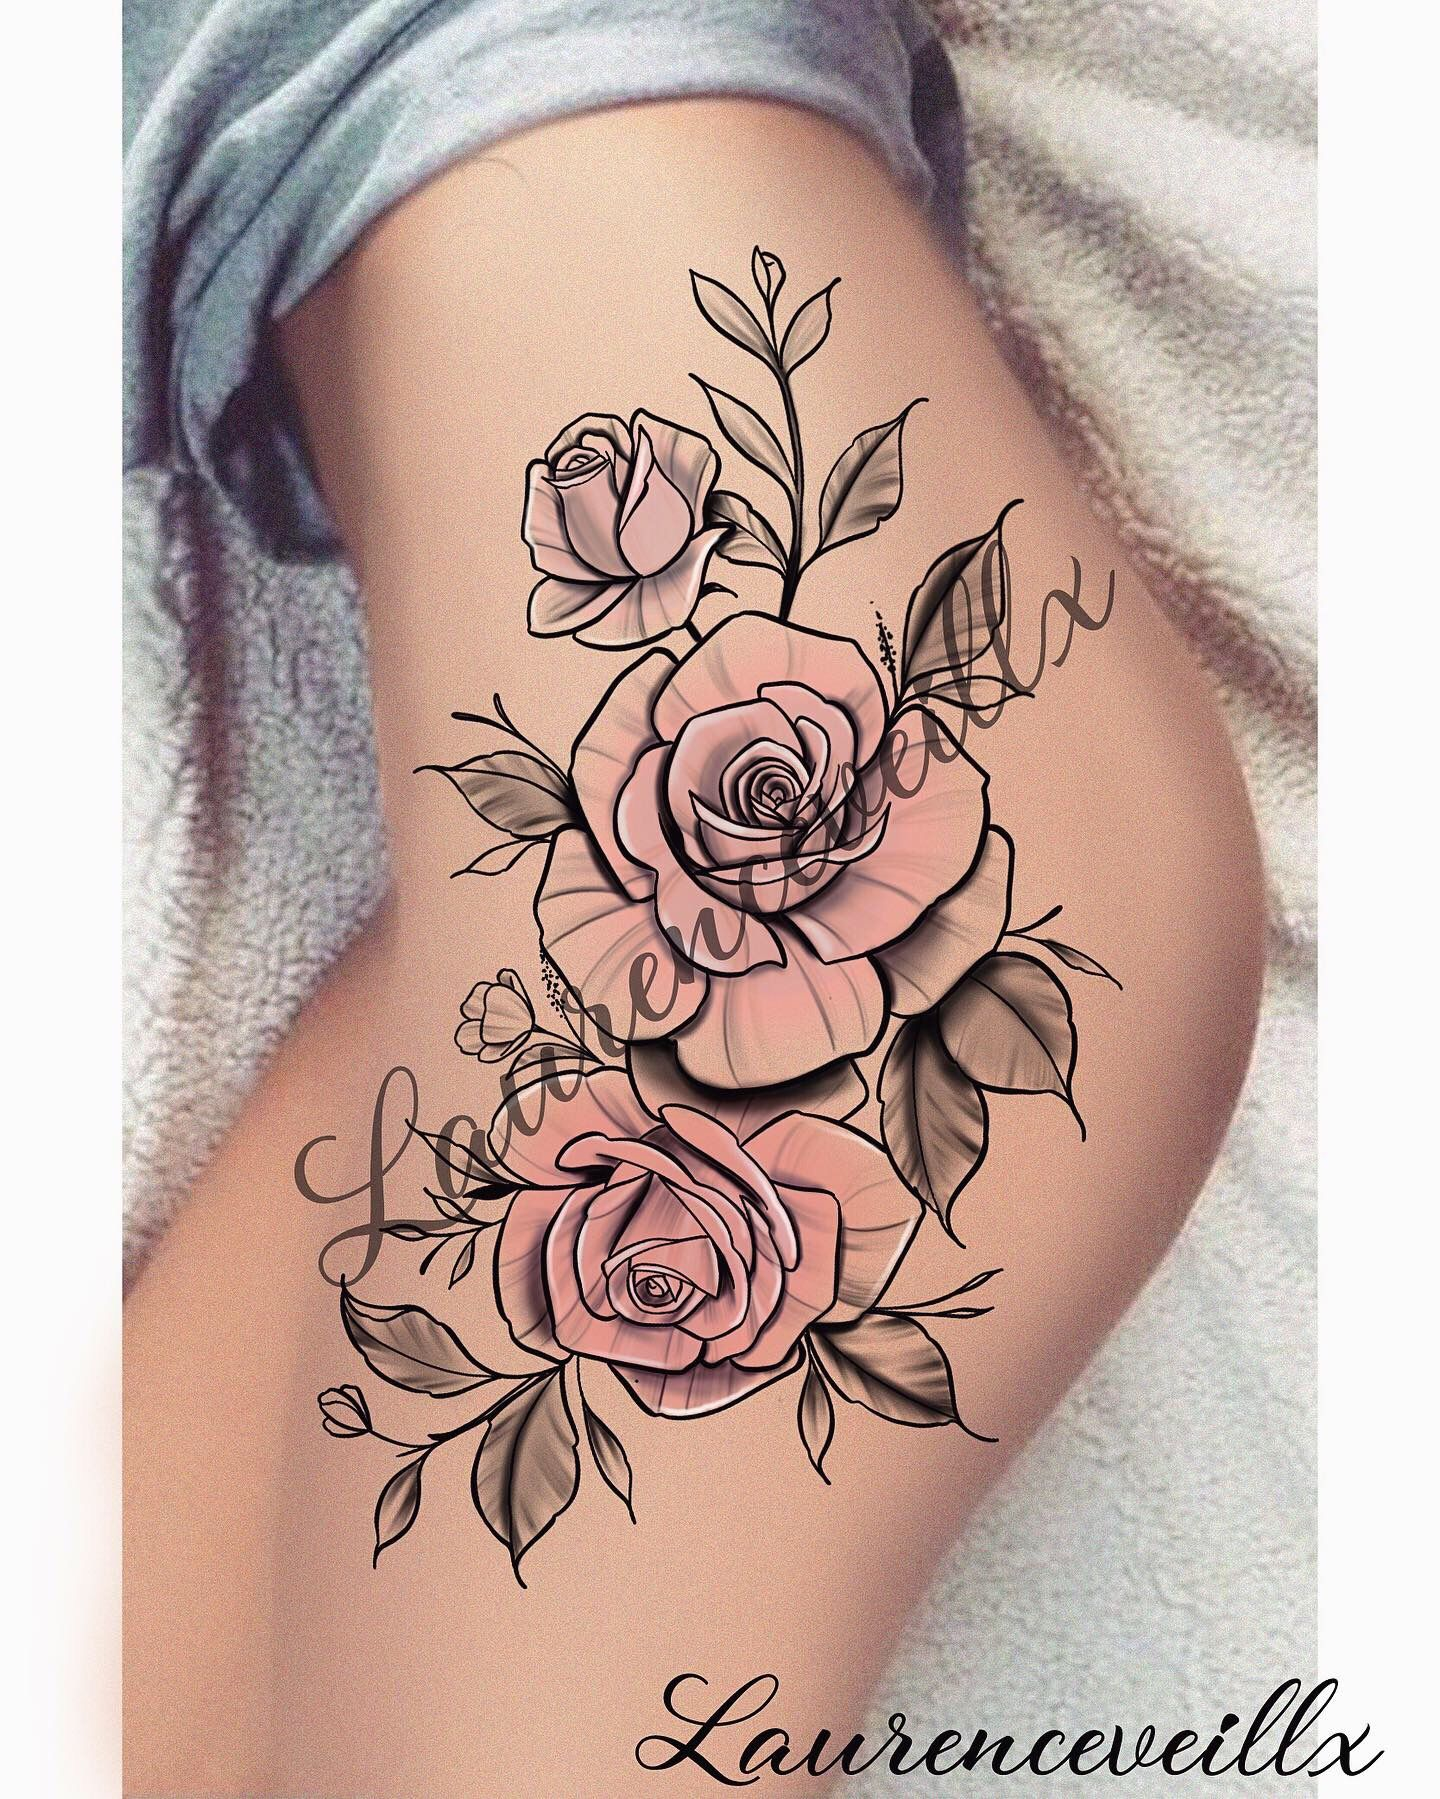 Rose Flower Tattoo Design Thight Women Ideas Laurenceveillx In 2020 Tattoos Tattoo Designs Jewelry Tattoo